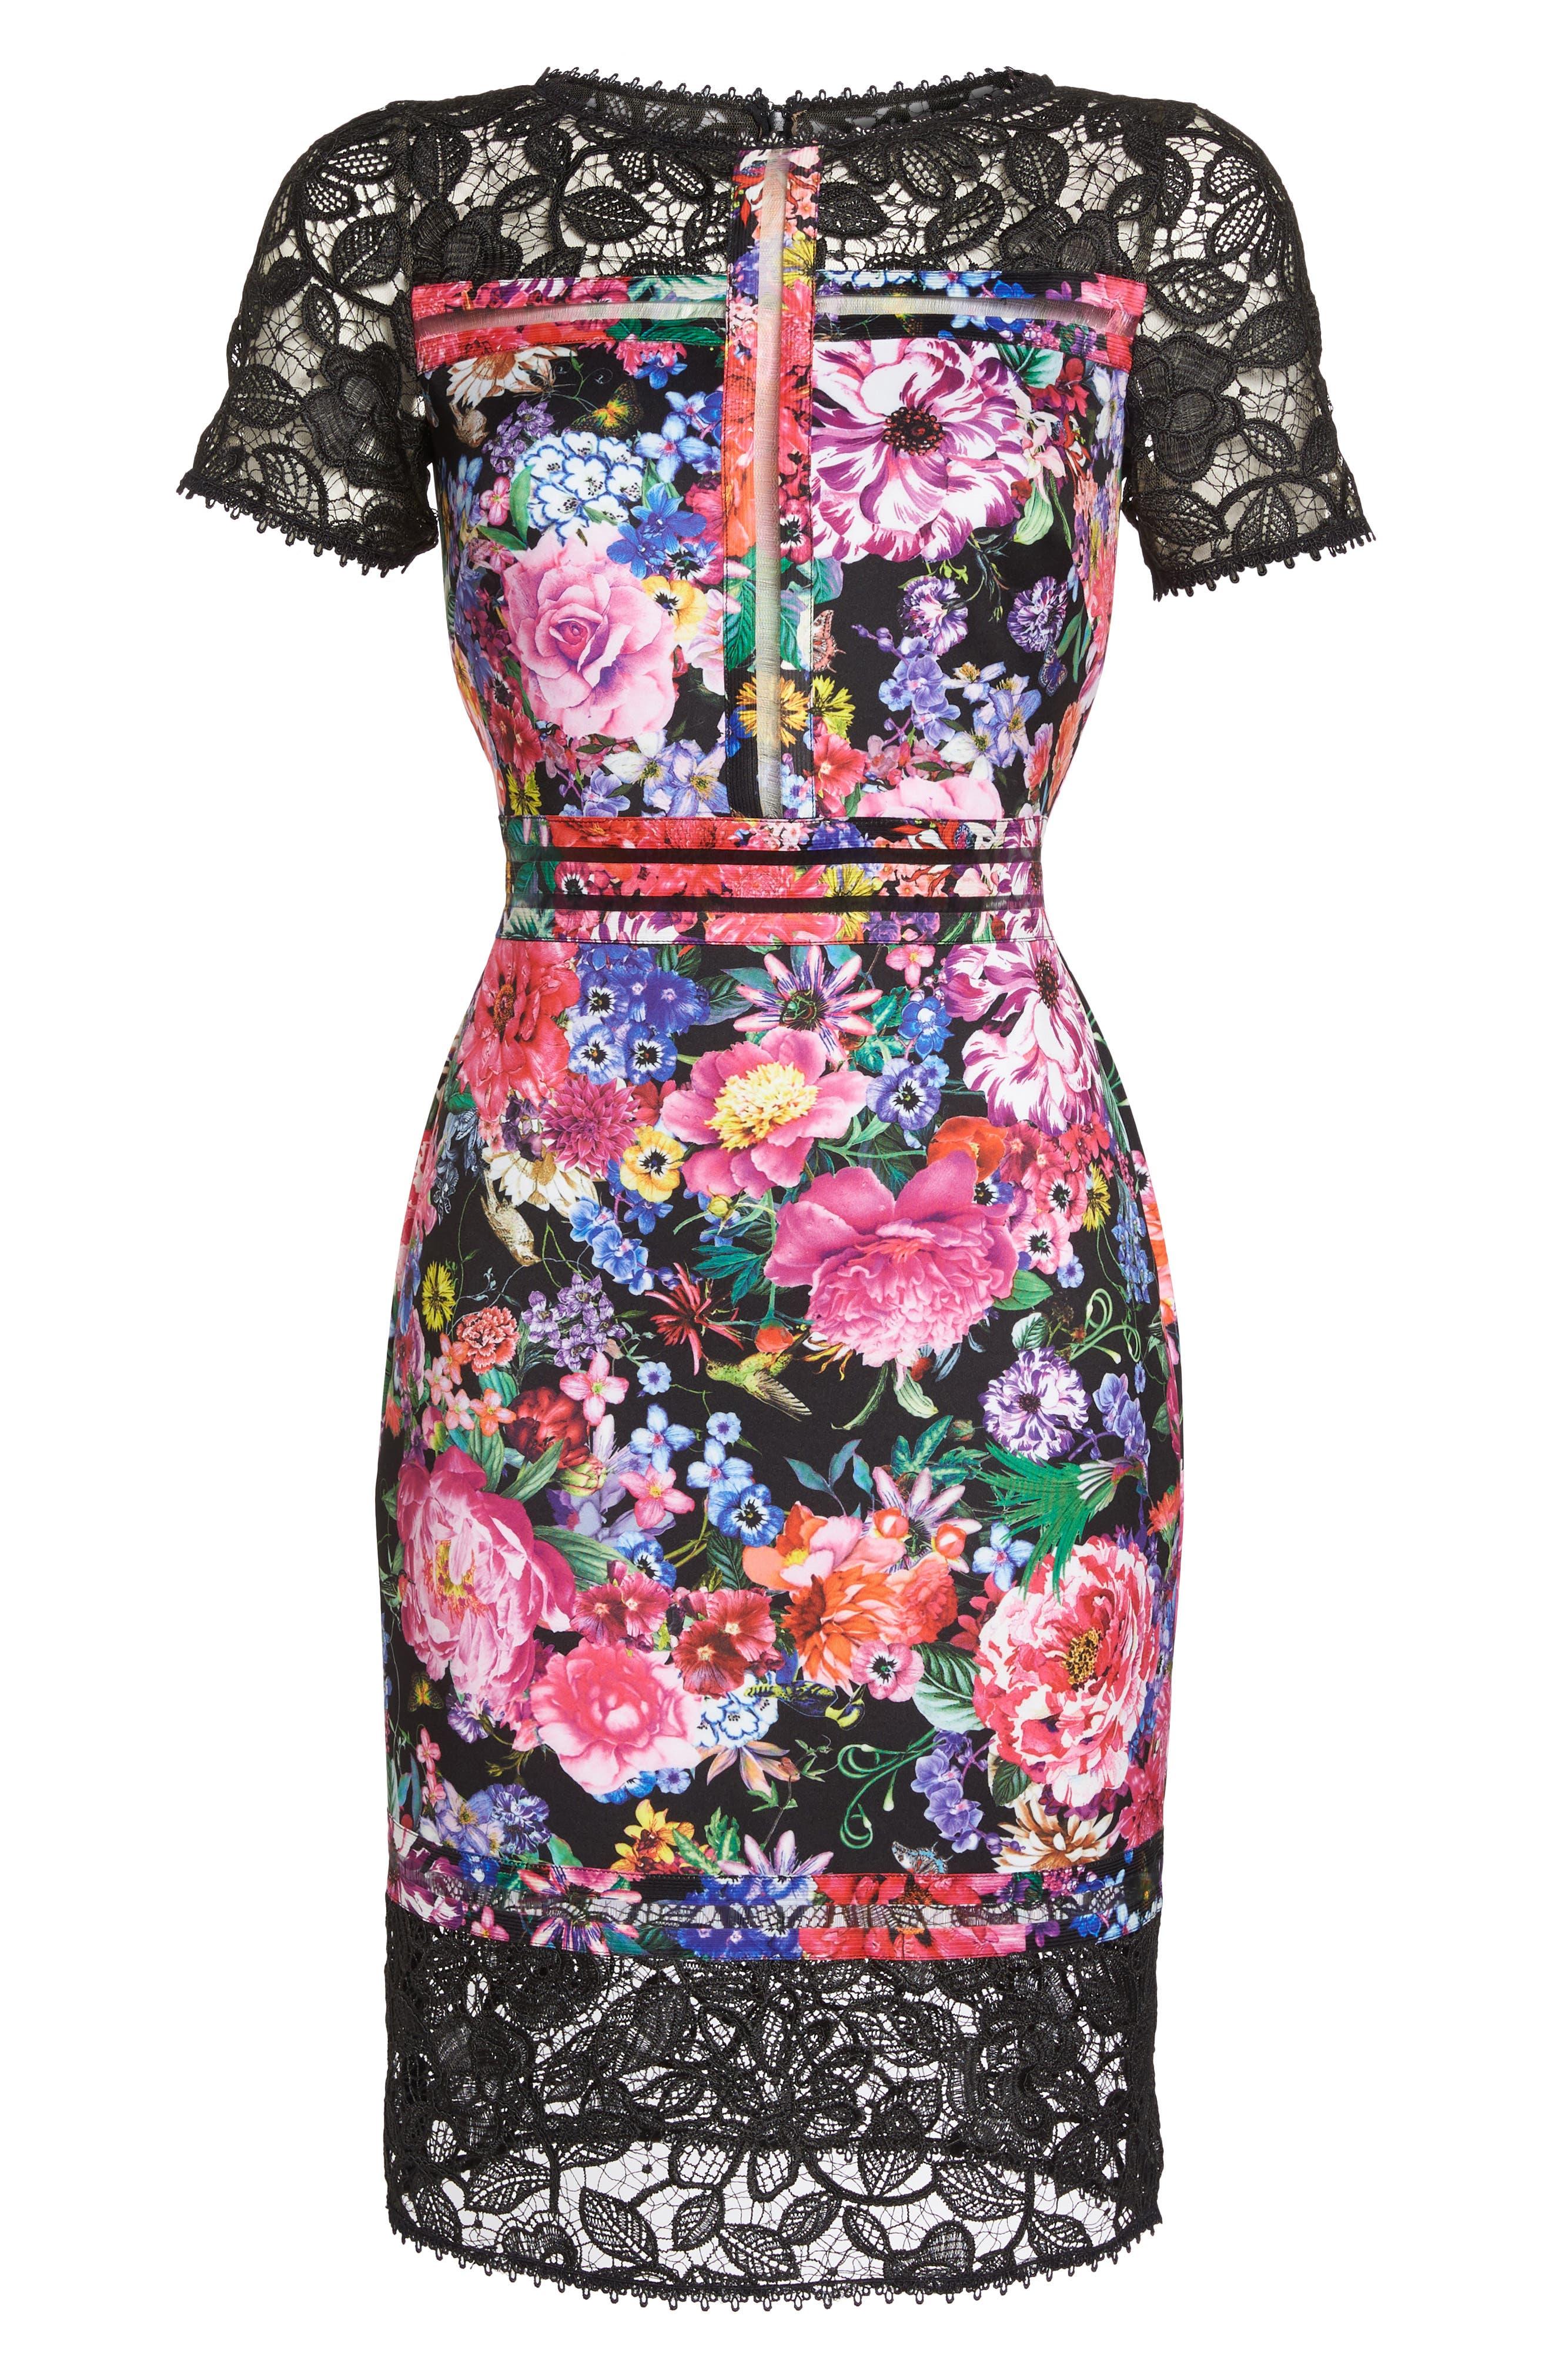 Floral & Lace Sheath Dress,                             Alternate thumbnail 6, color,                             Black/ Floral